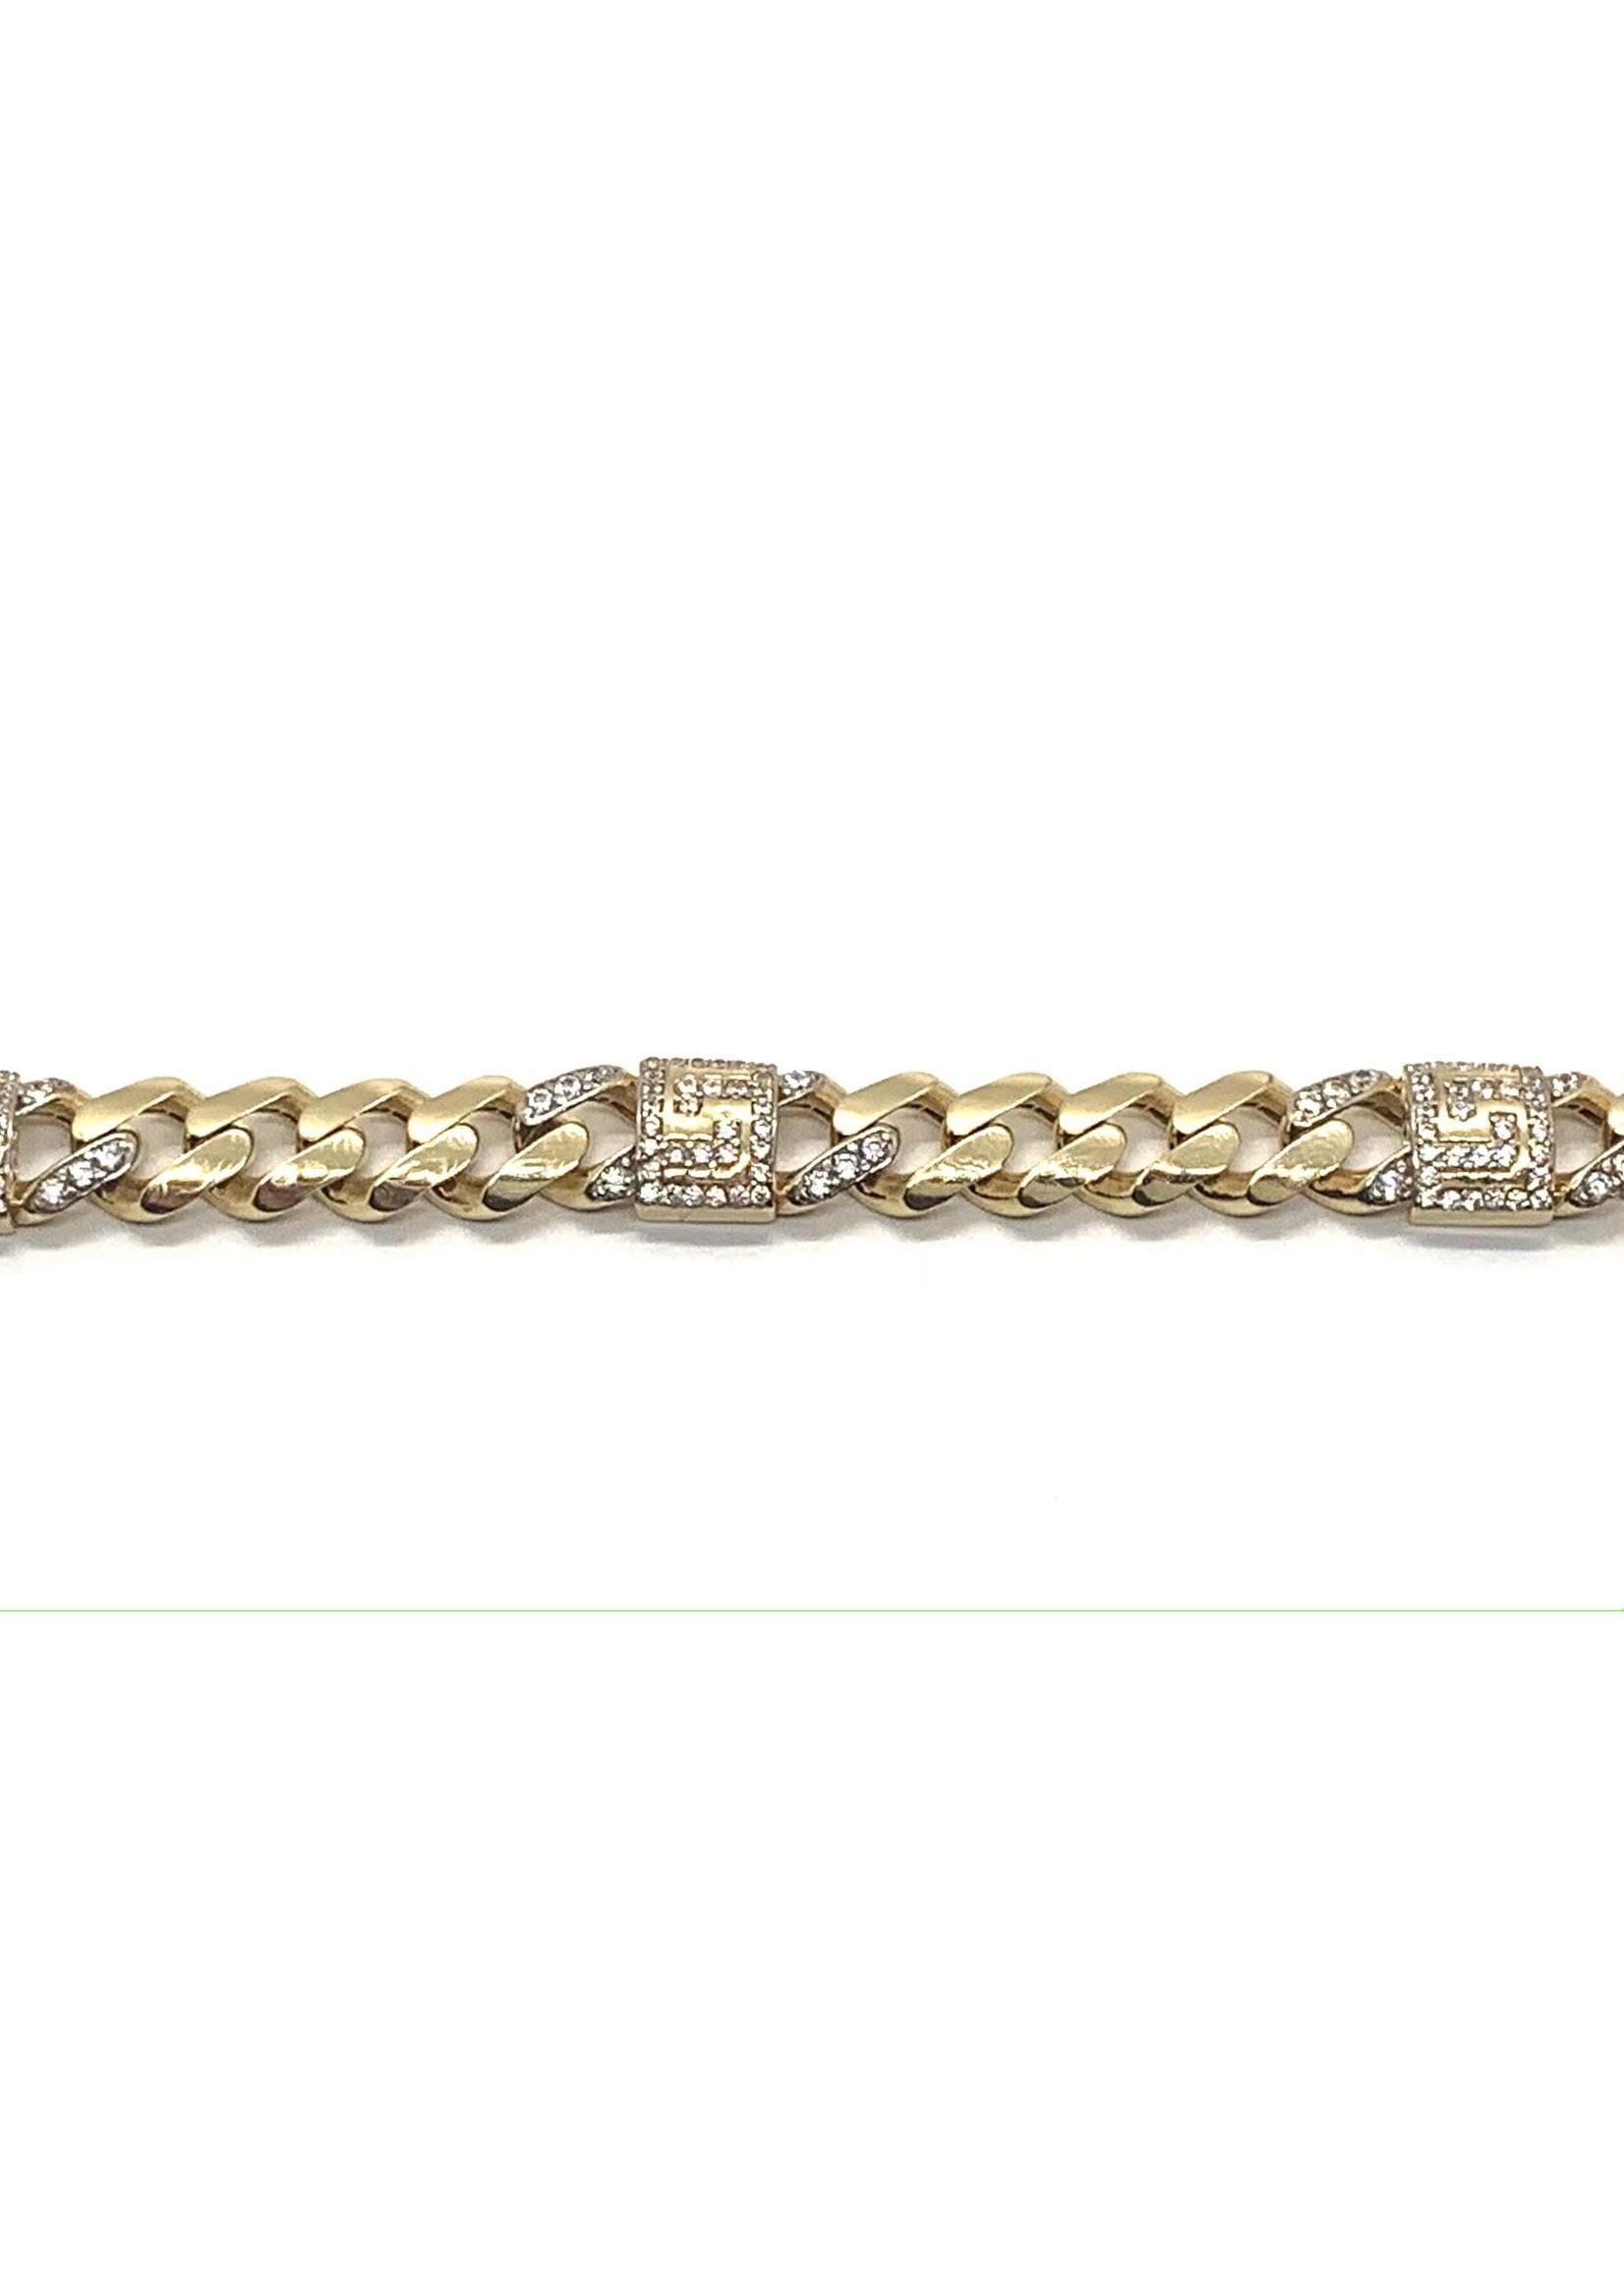 PARÉ Bracelet Homme Miami Cuban Versace Or 10k